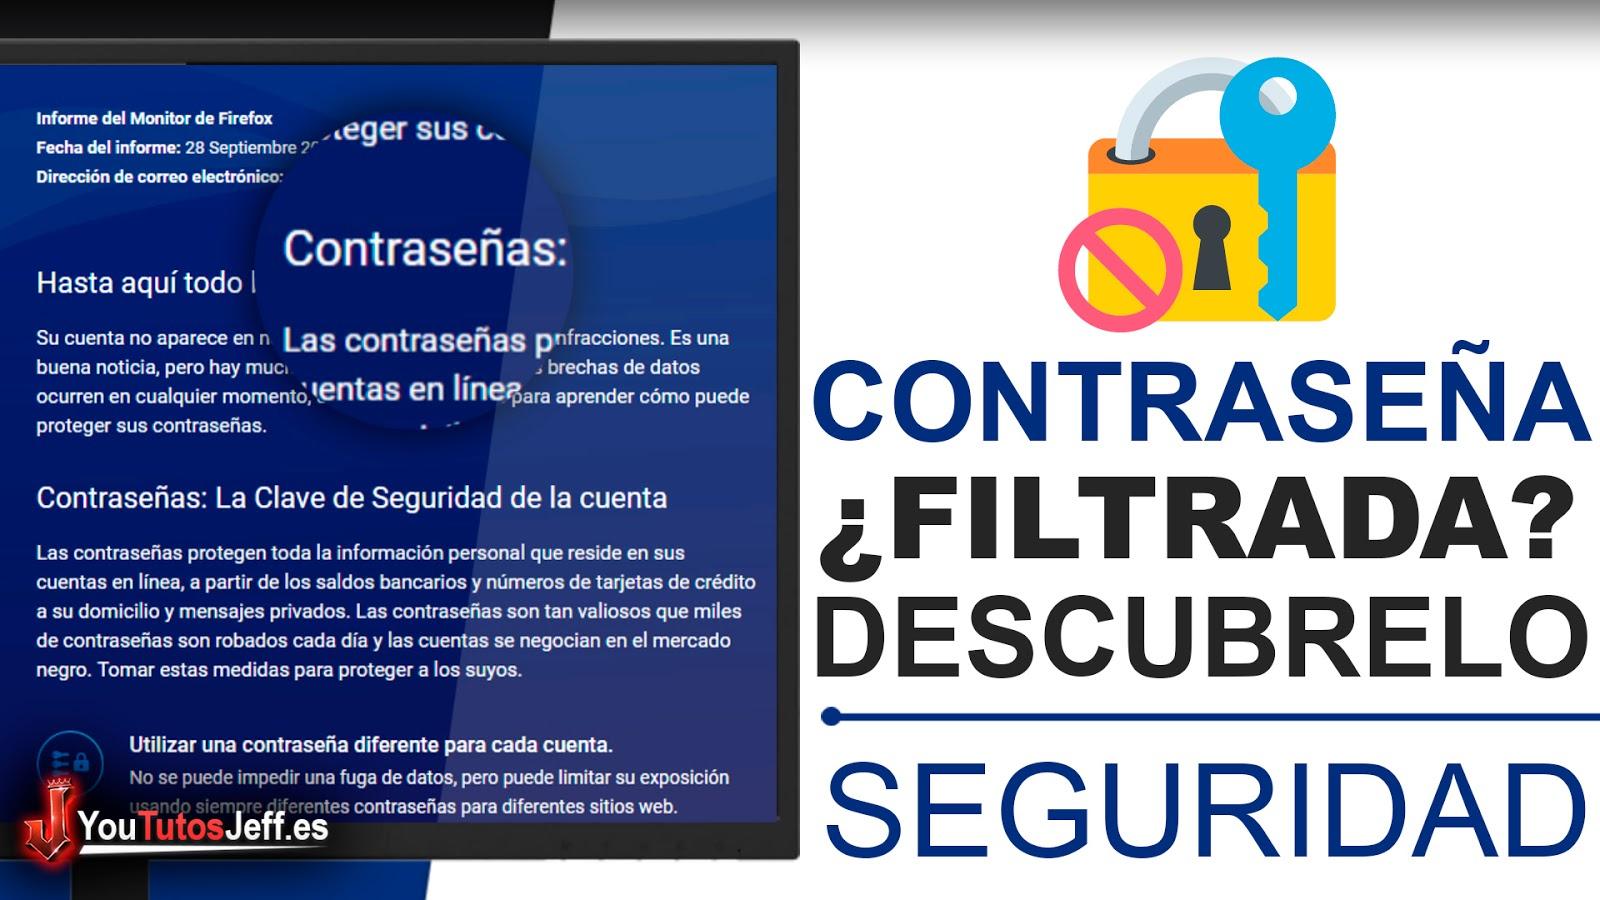 Comprueba si tus Correos o Contraseñas Fueron Revelados - Trucos Seguridad